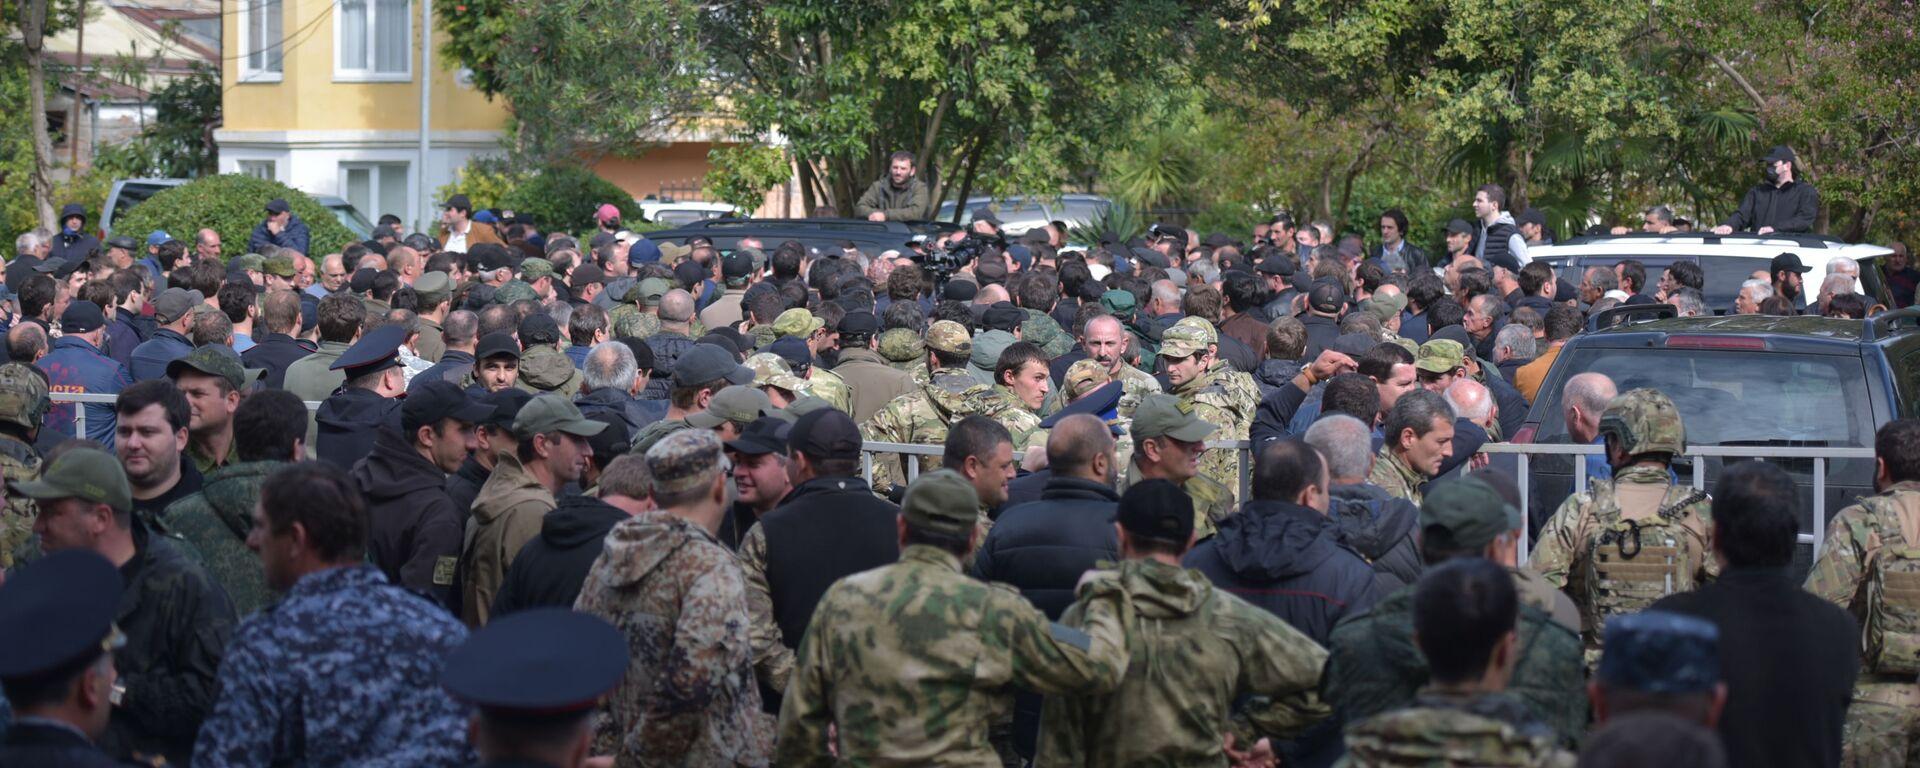 Митинг у Парламента: что требовали участники протеста от президента и депутатов - Sputnik Абхазия, 1920, 04.10.2021